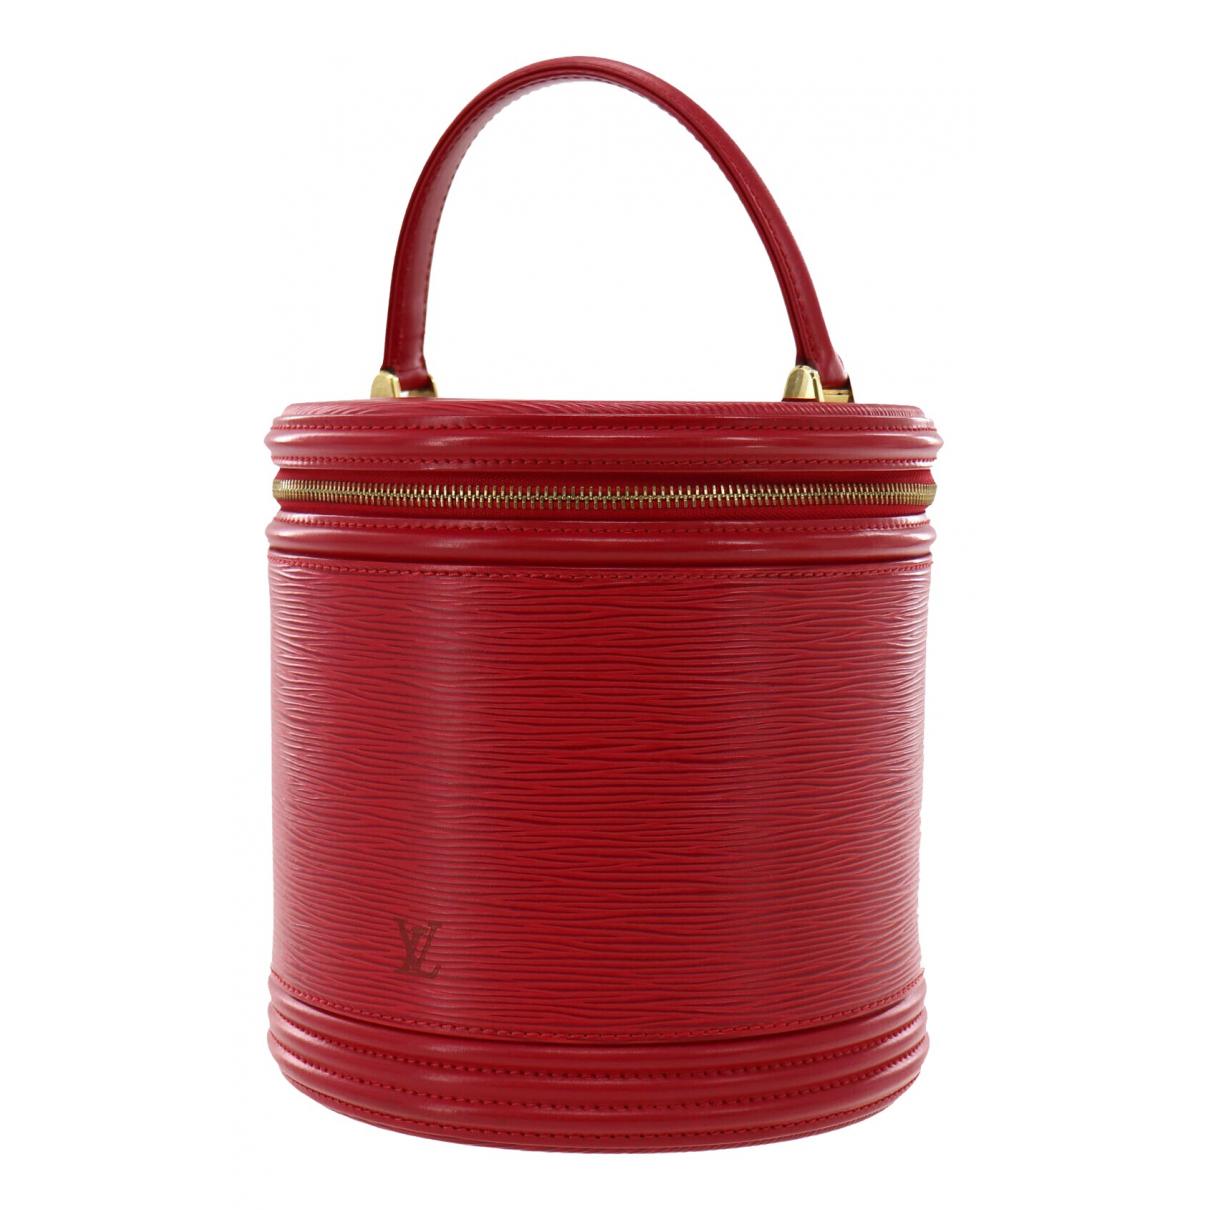 Louis Vuitton - Sac a main Cannes pour femme en cuir - rouge